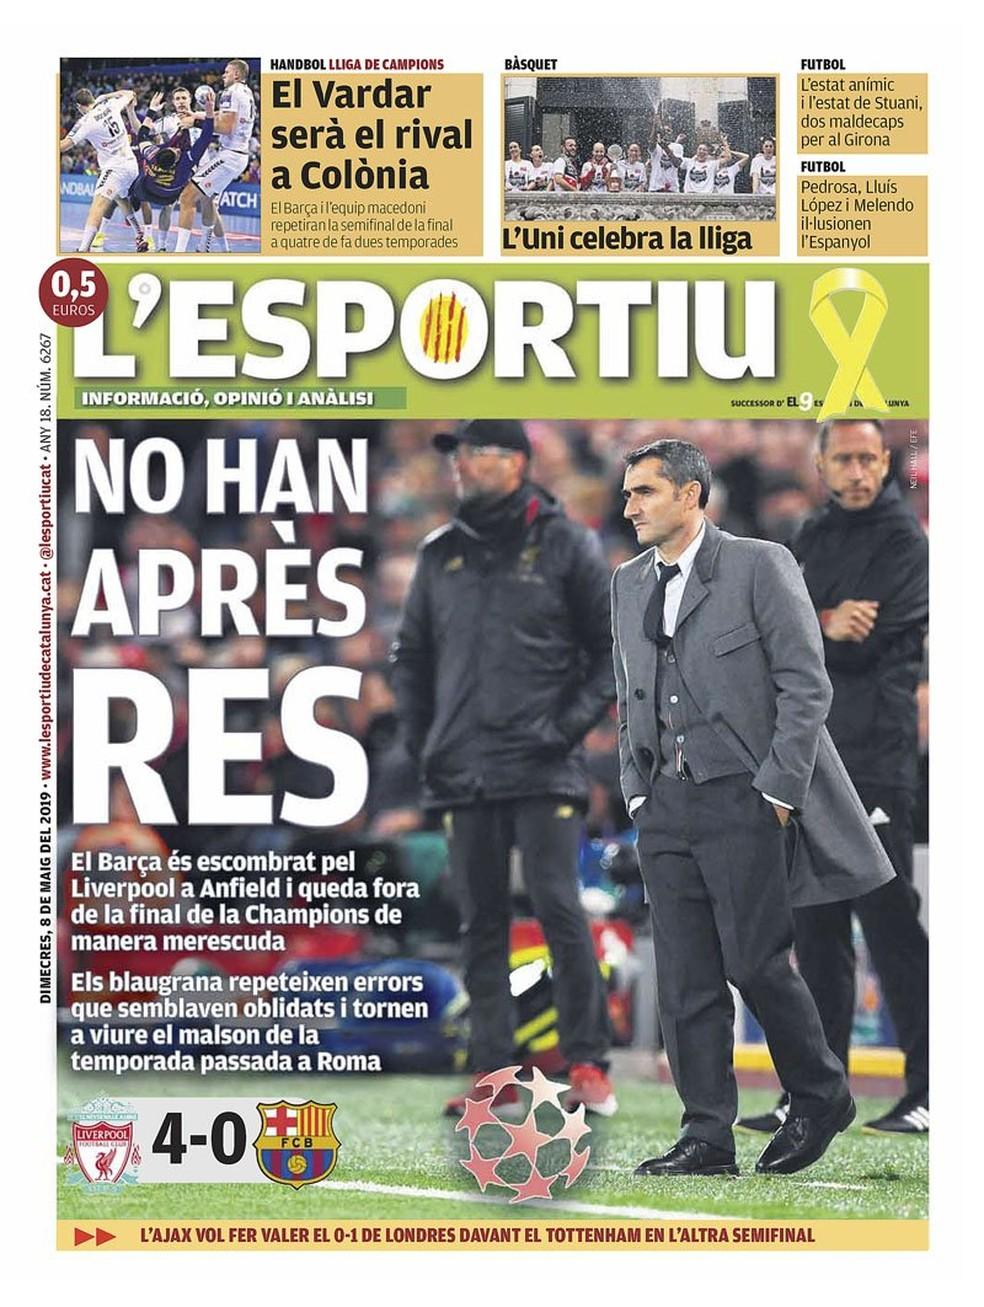 L'Esportiu Liverpool x Barcelona — Foto: Reprodução